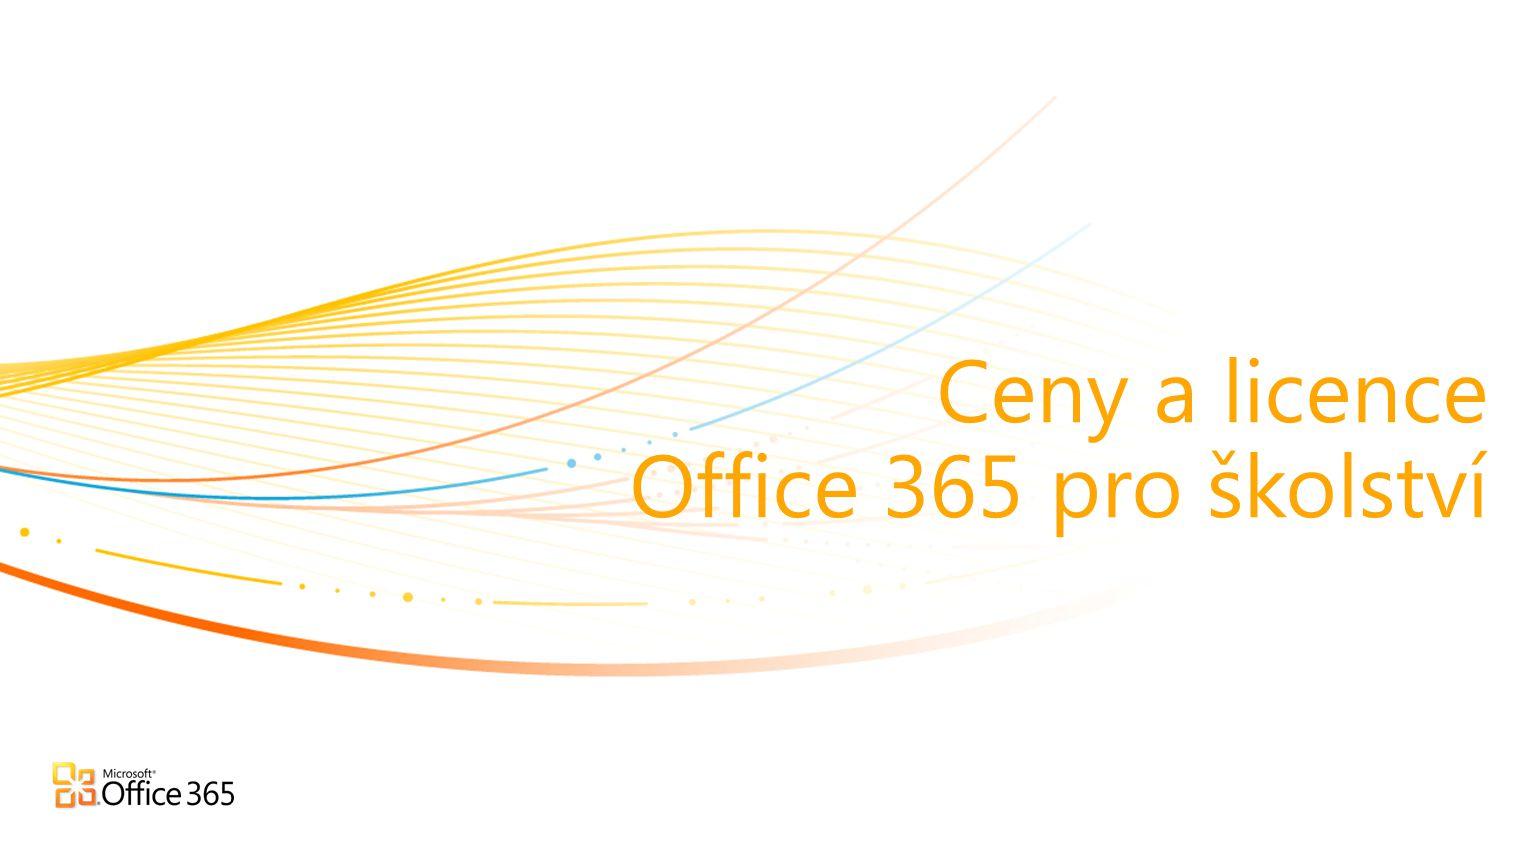 Ceny a licence Office 365 pro školství